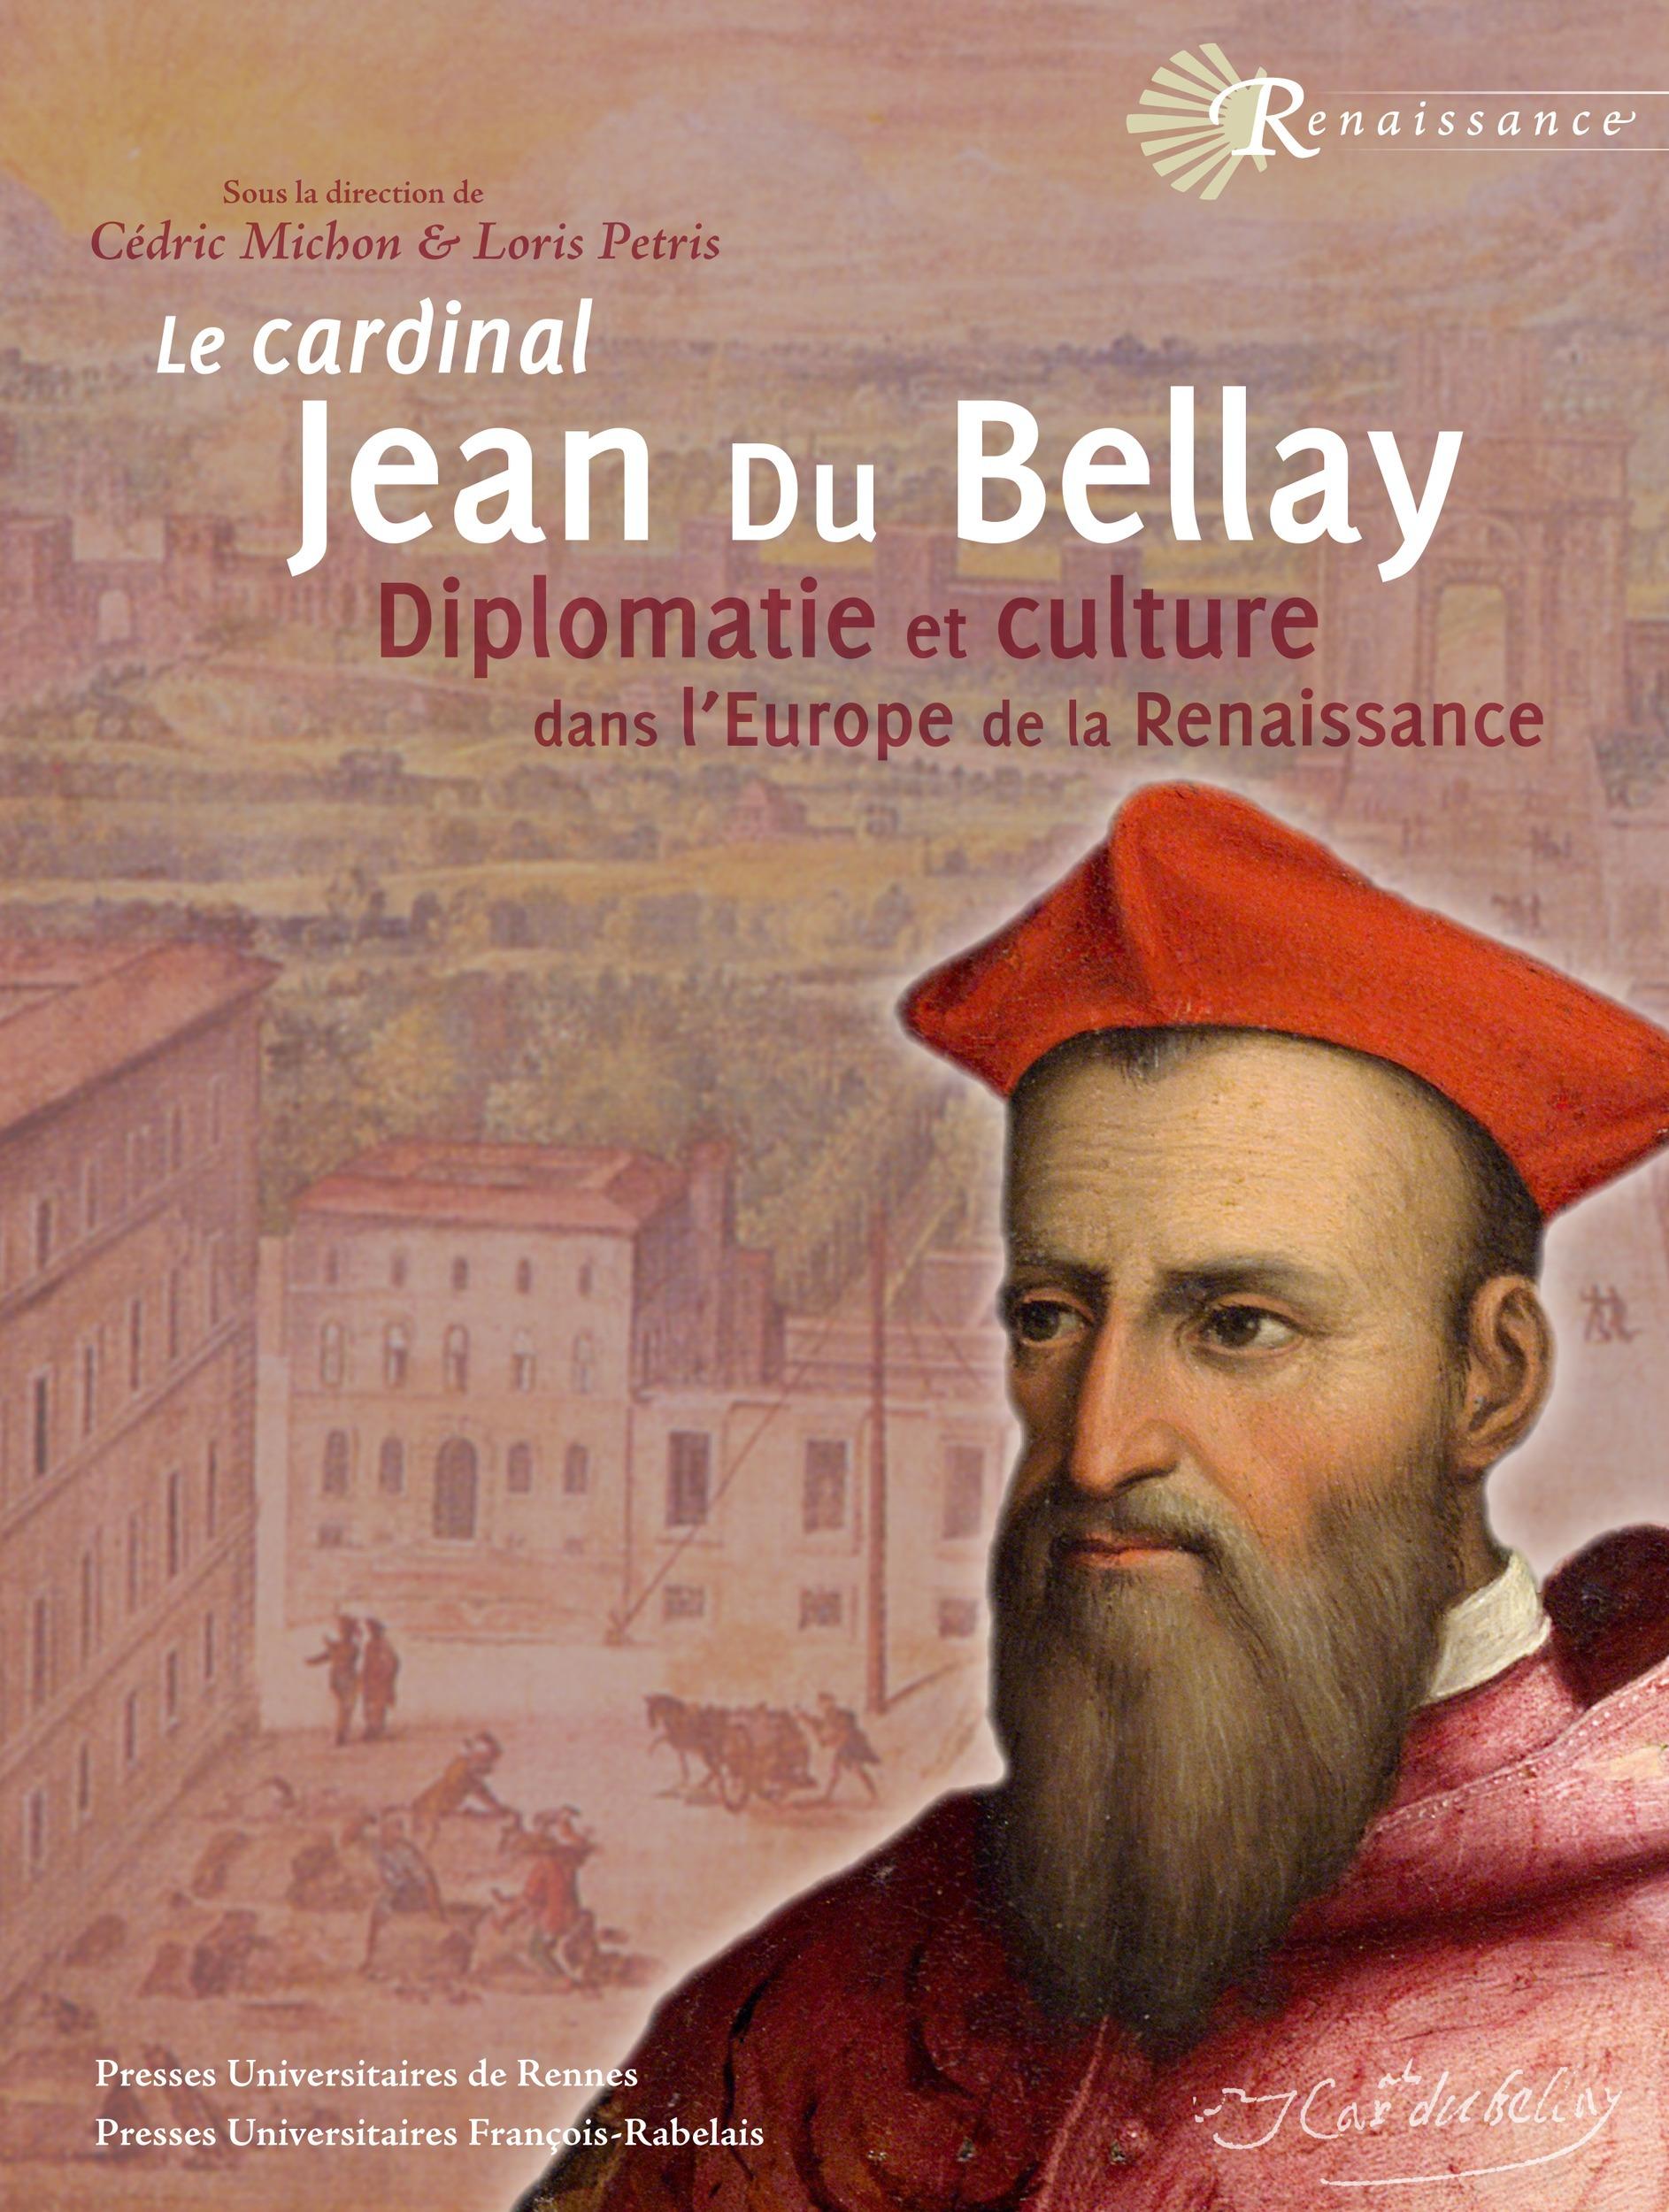 Cardinal jean du bellay - diplomatie et culture dans l'europe de la renaissance